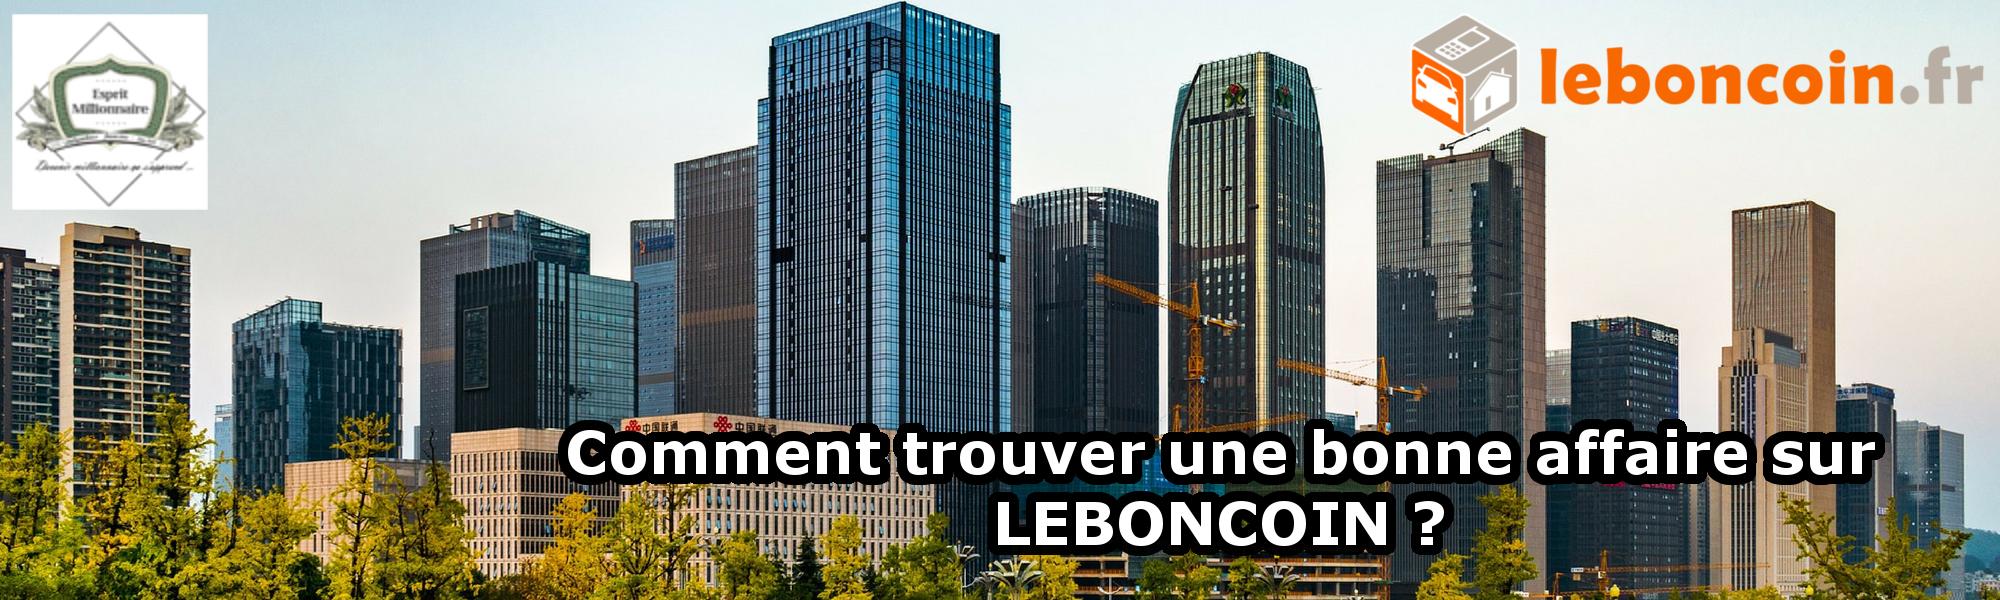 Comment trouver une bonne affaire sur Leboncoin ?